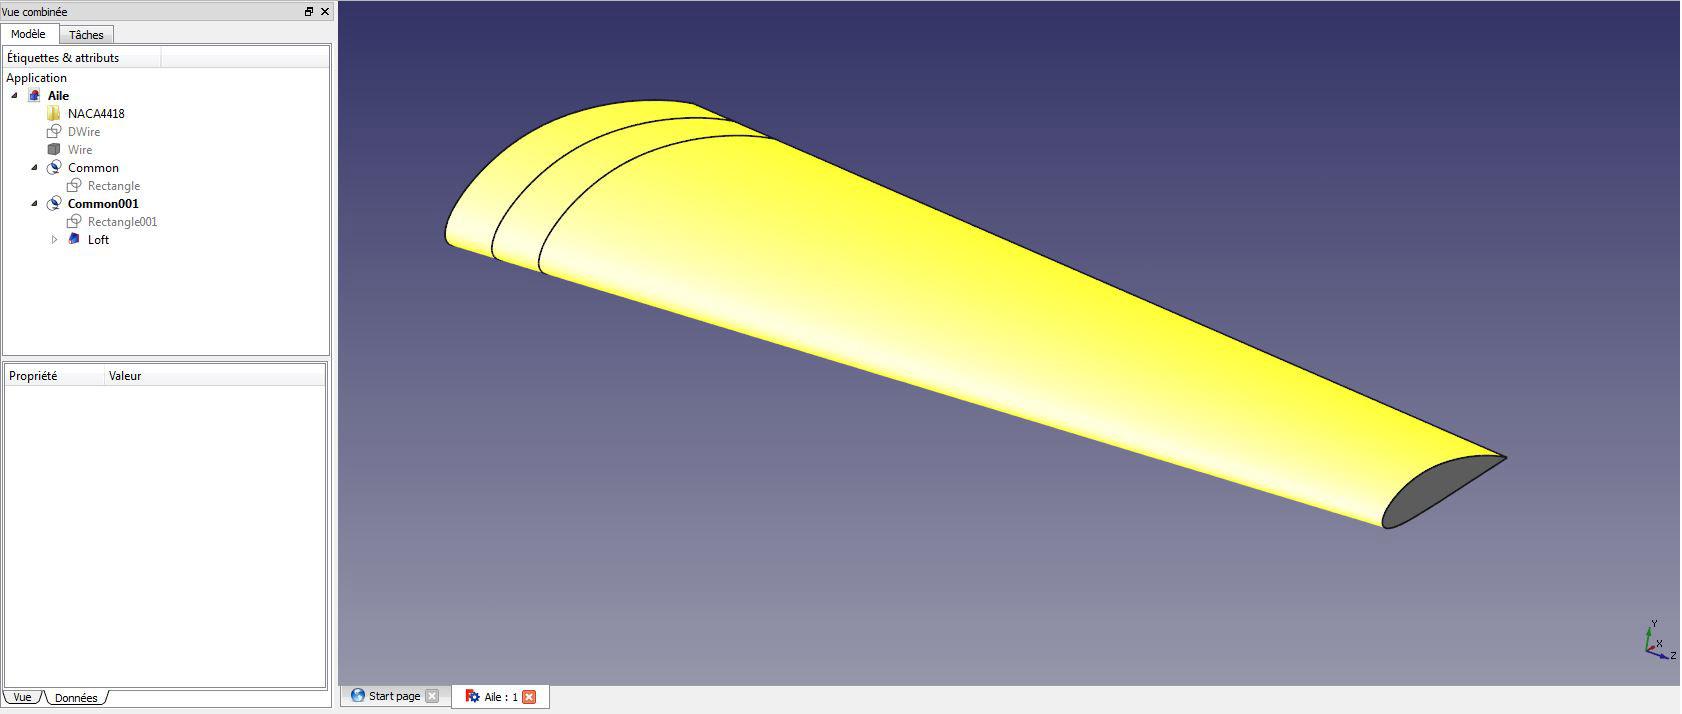 Génération de notre surface d'aile, qui est un volume en fait dans lequel on va venir définir les sections pour en extraire nos nervures.